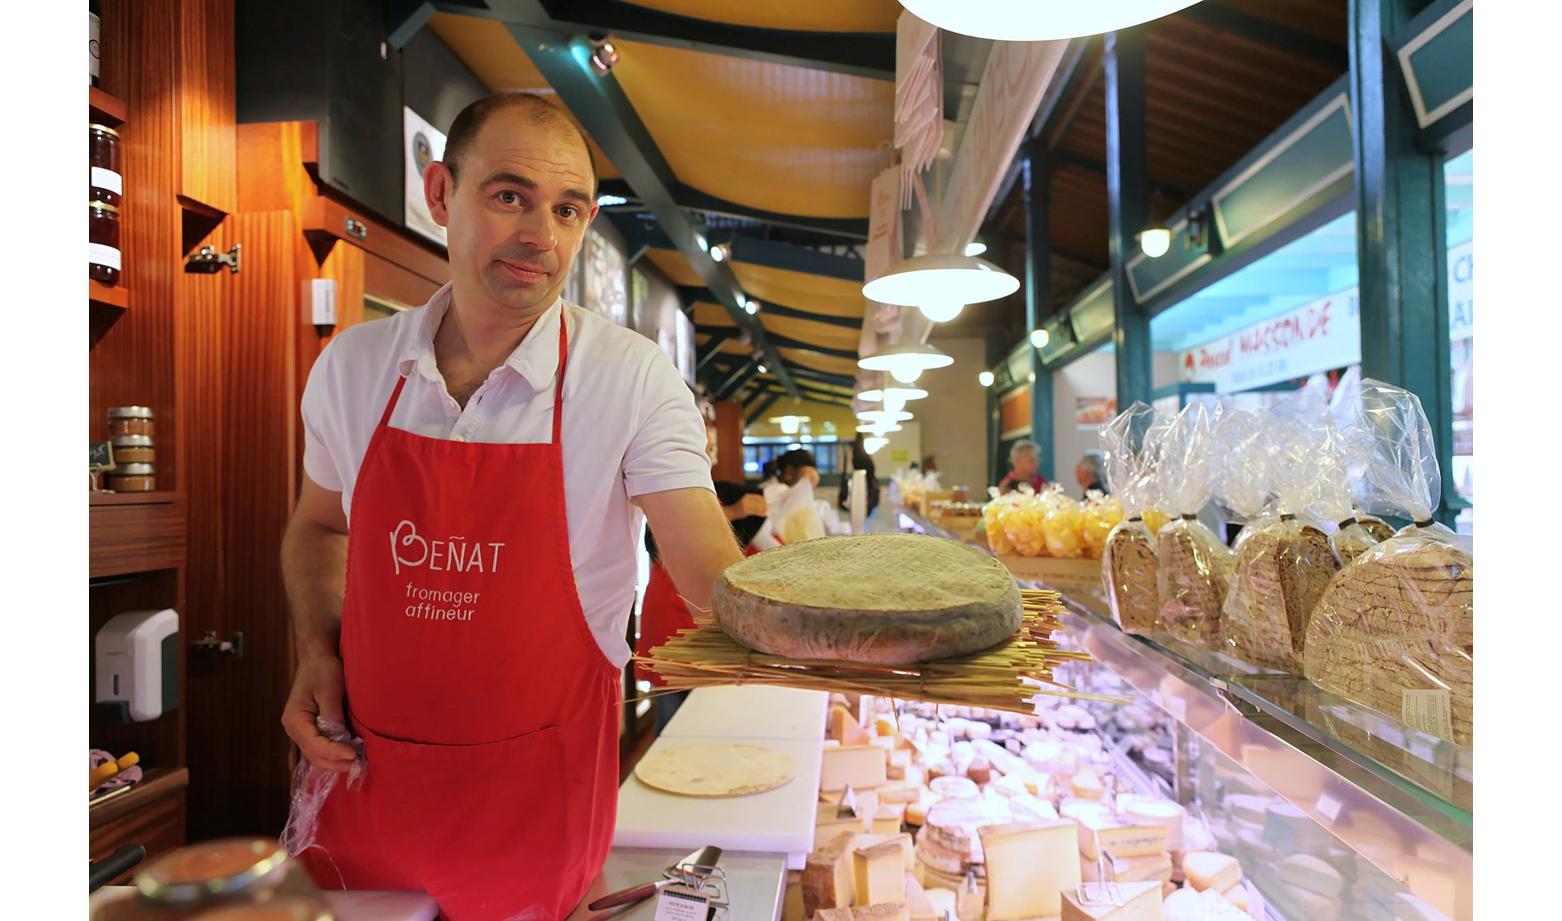 Beñat Moity, Référent Aquitaine et Producteur Artisan de Qualité à Beñat Fromager, Saint-Jean-de-Luz